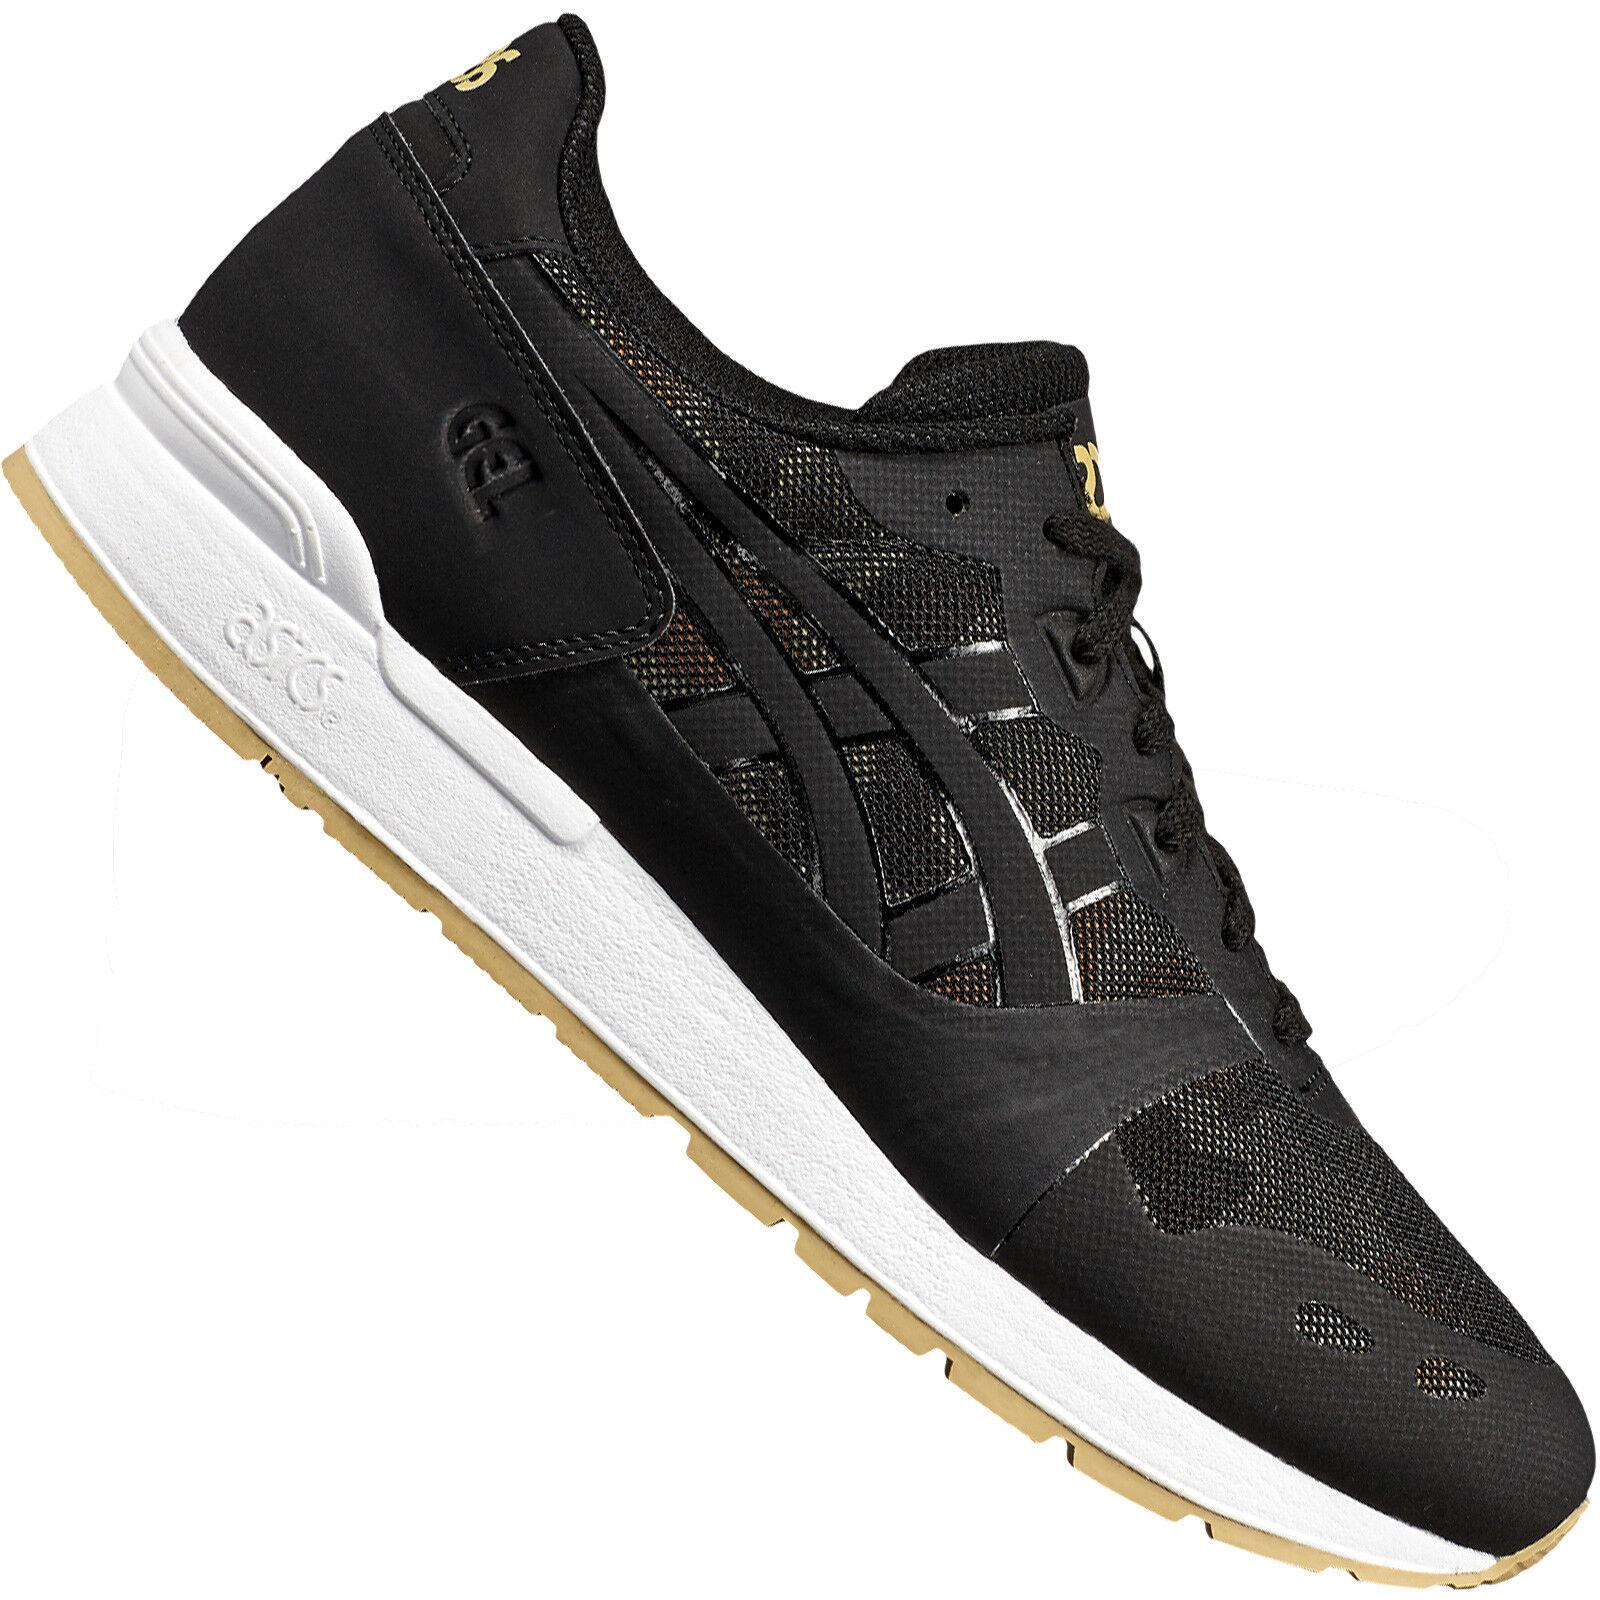 Asics Tiger Gel-Lyte V 5 NS Turnschuhe No Sew Herren-Sneaker Sportschuhe Turnschuhe NS Schuhe 1cc594